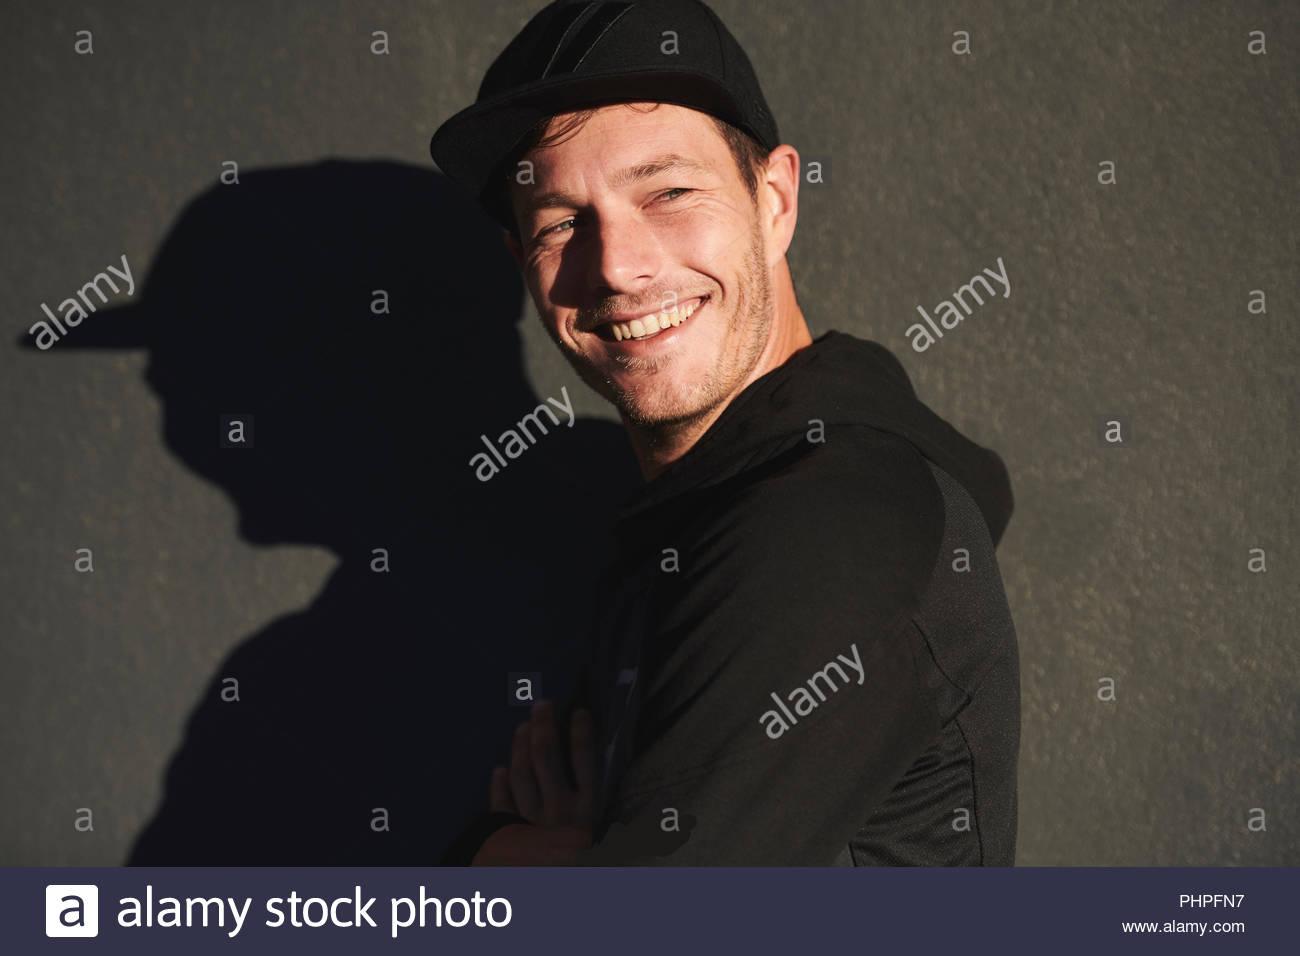 Retrato del hombre que llevaba una gorra de béisbol sonriendo Imagen De Stock